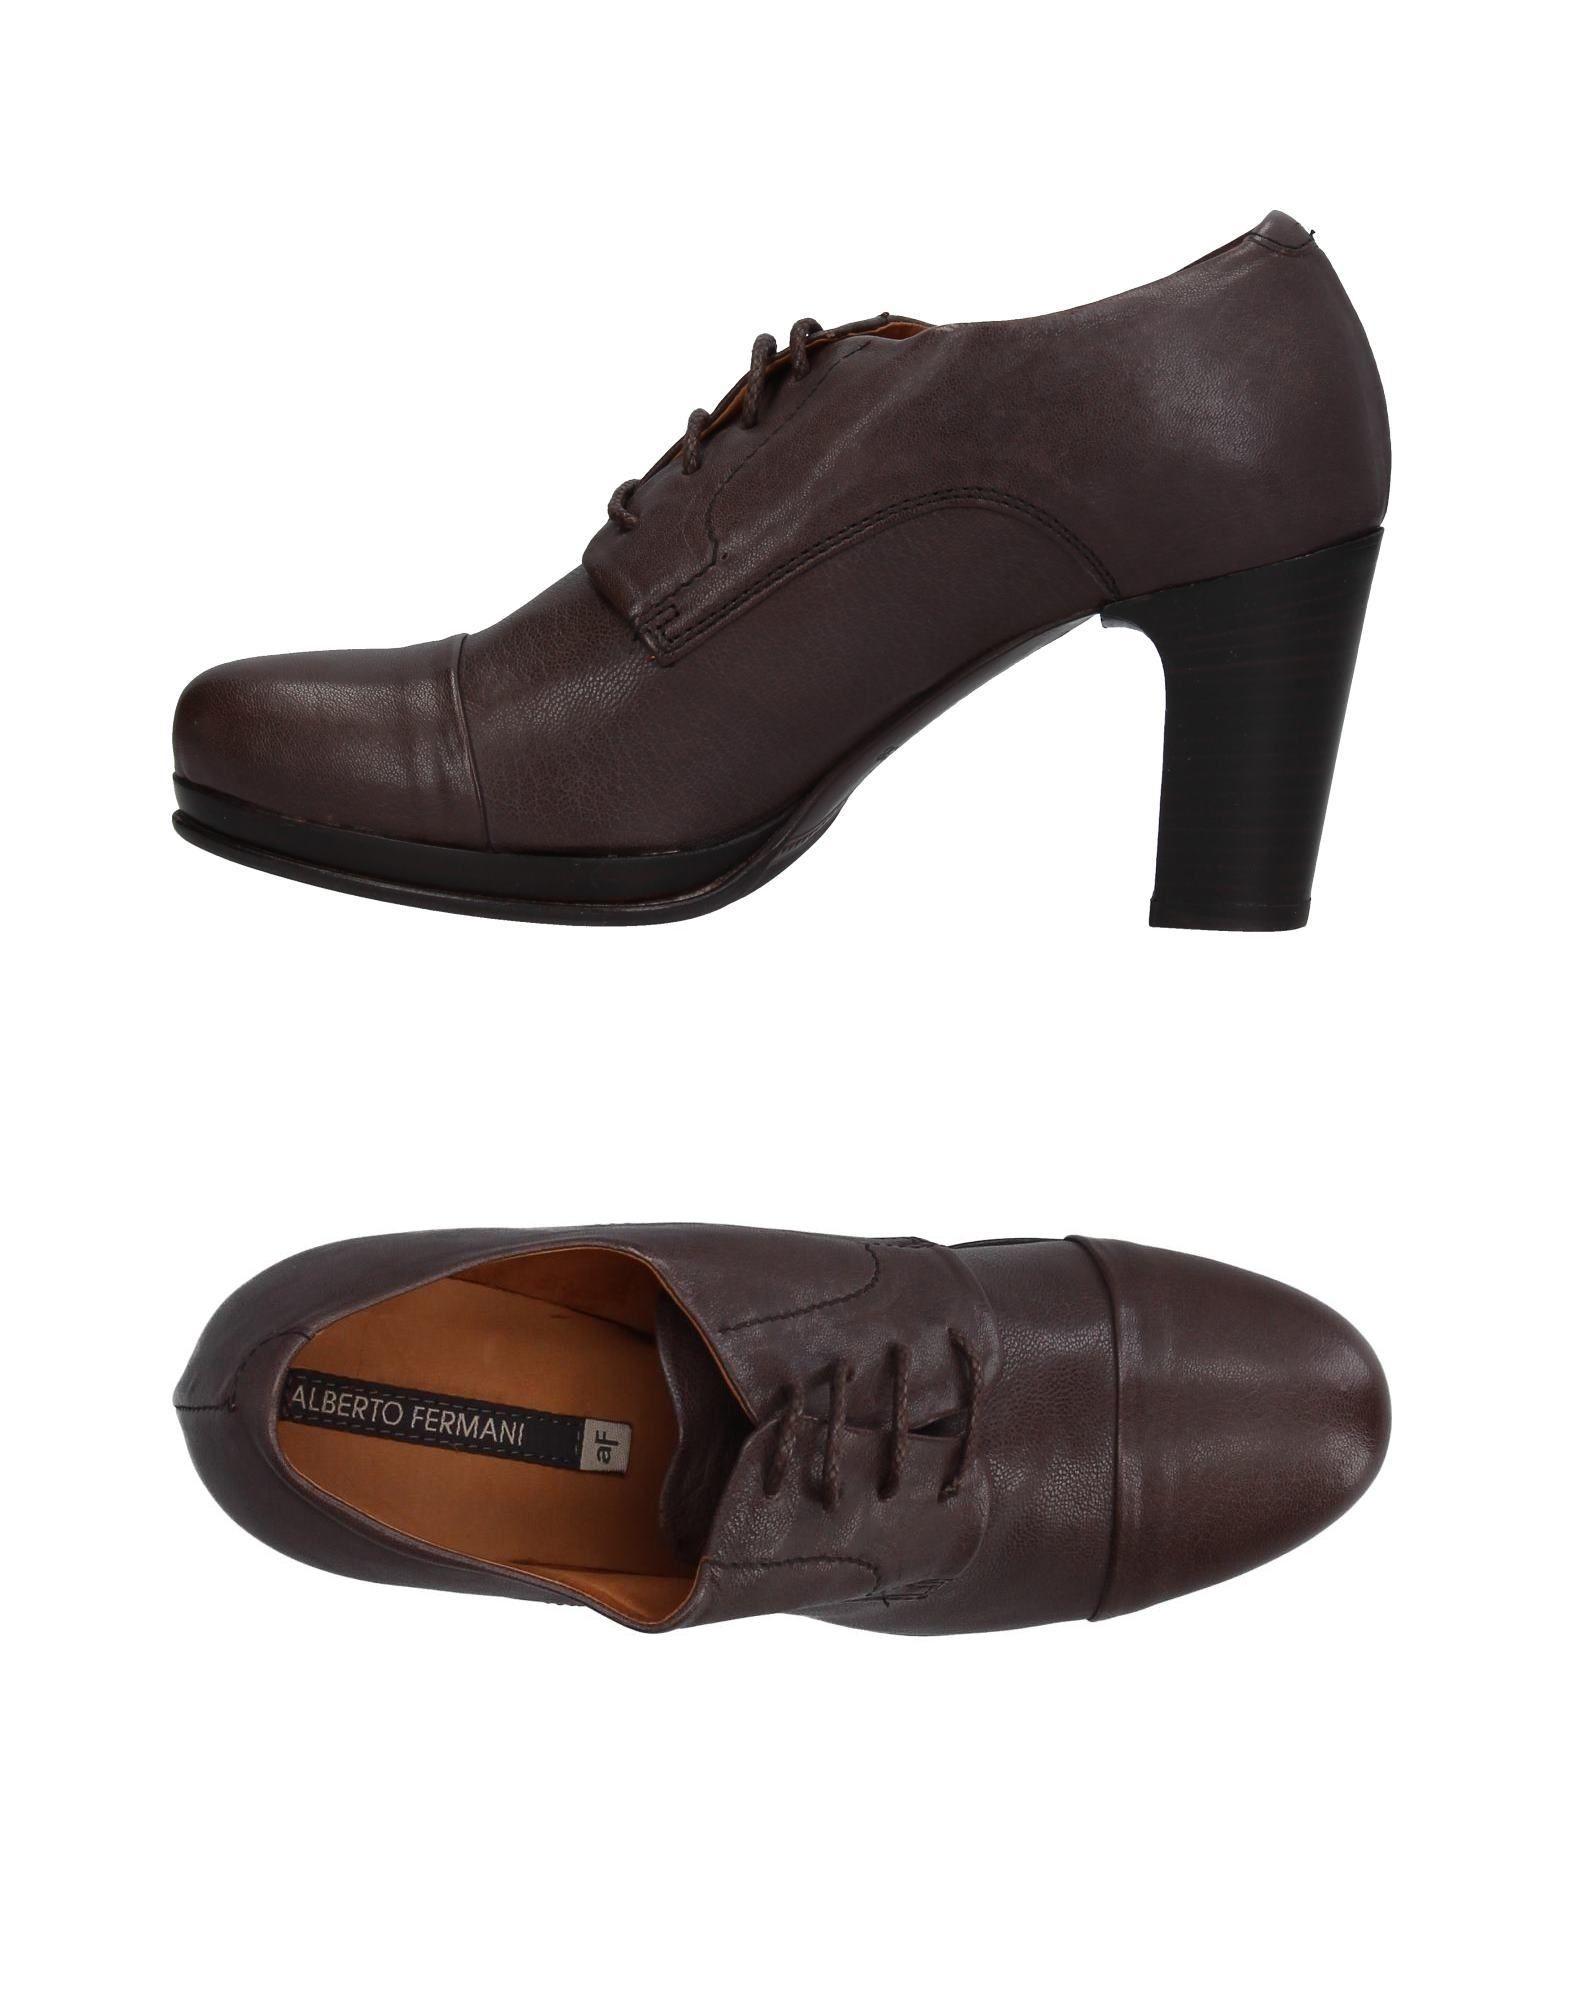 Alberto Fermani Schnürschuhe Damen  11293798WN Gute Qualität beliebte Schuhe